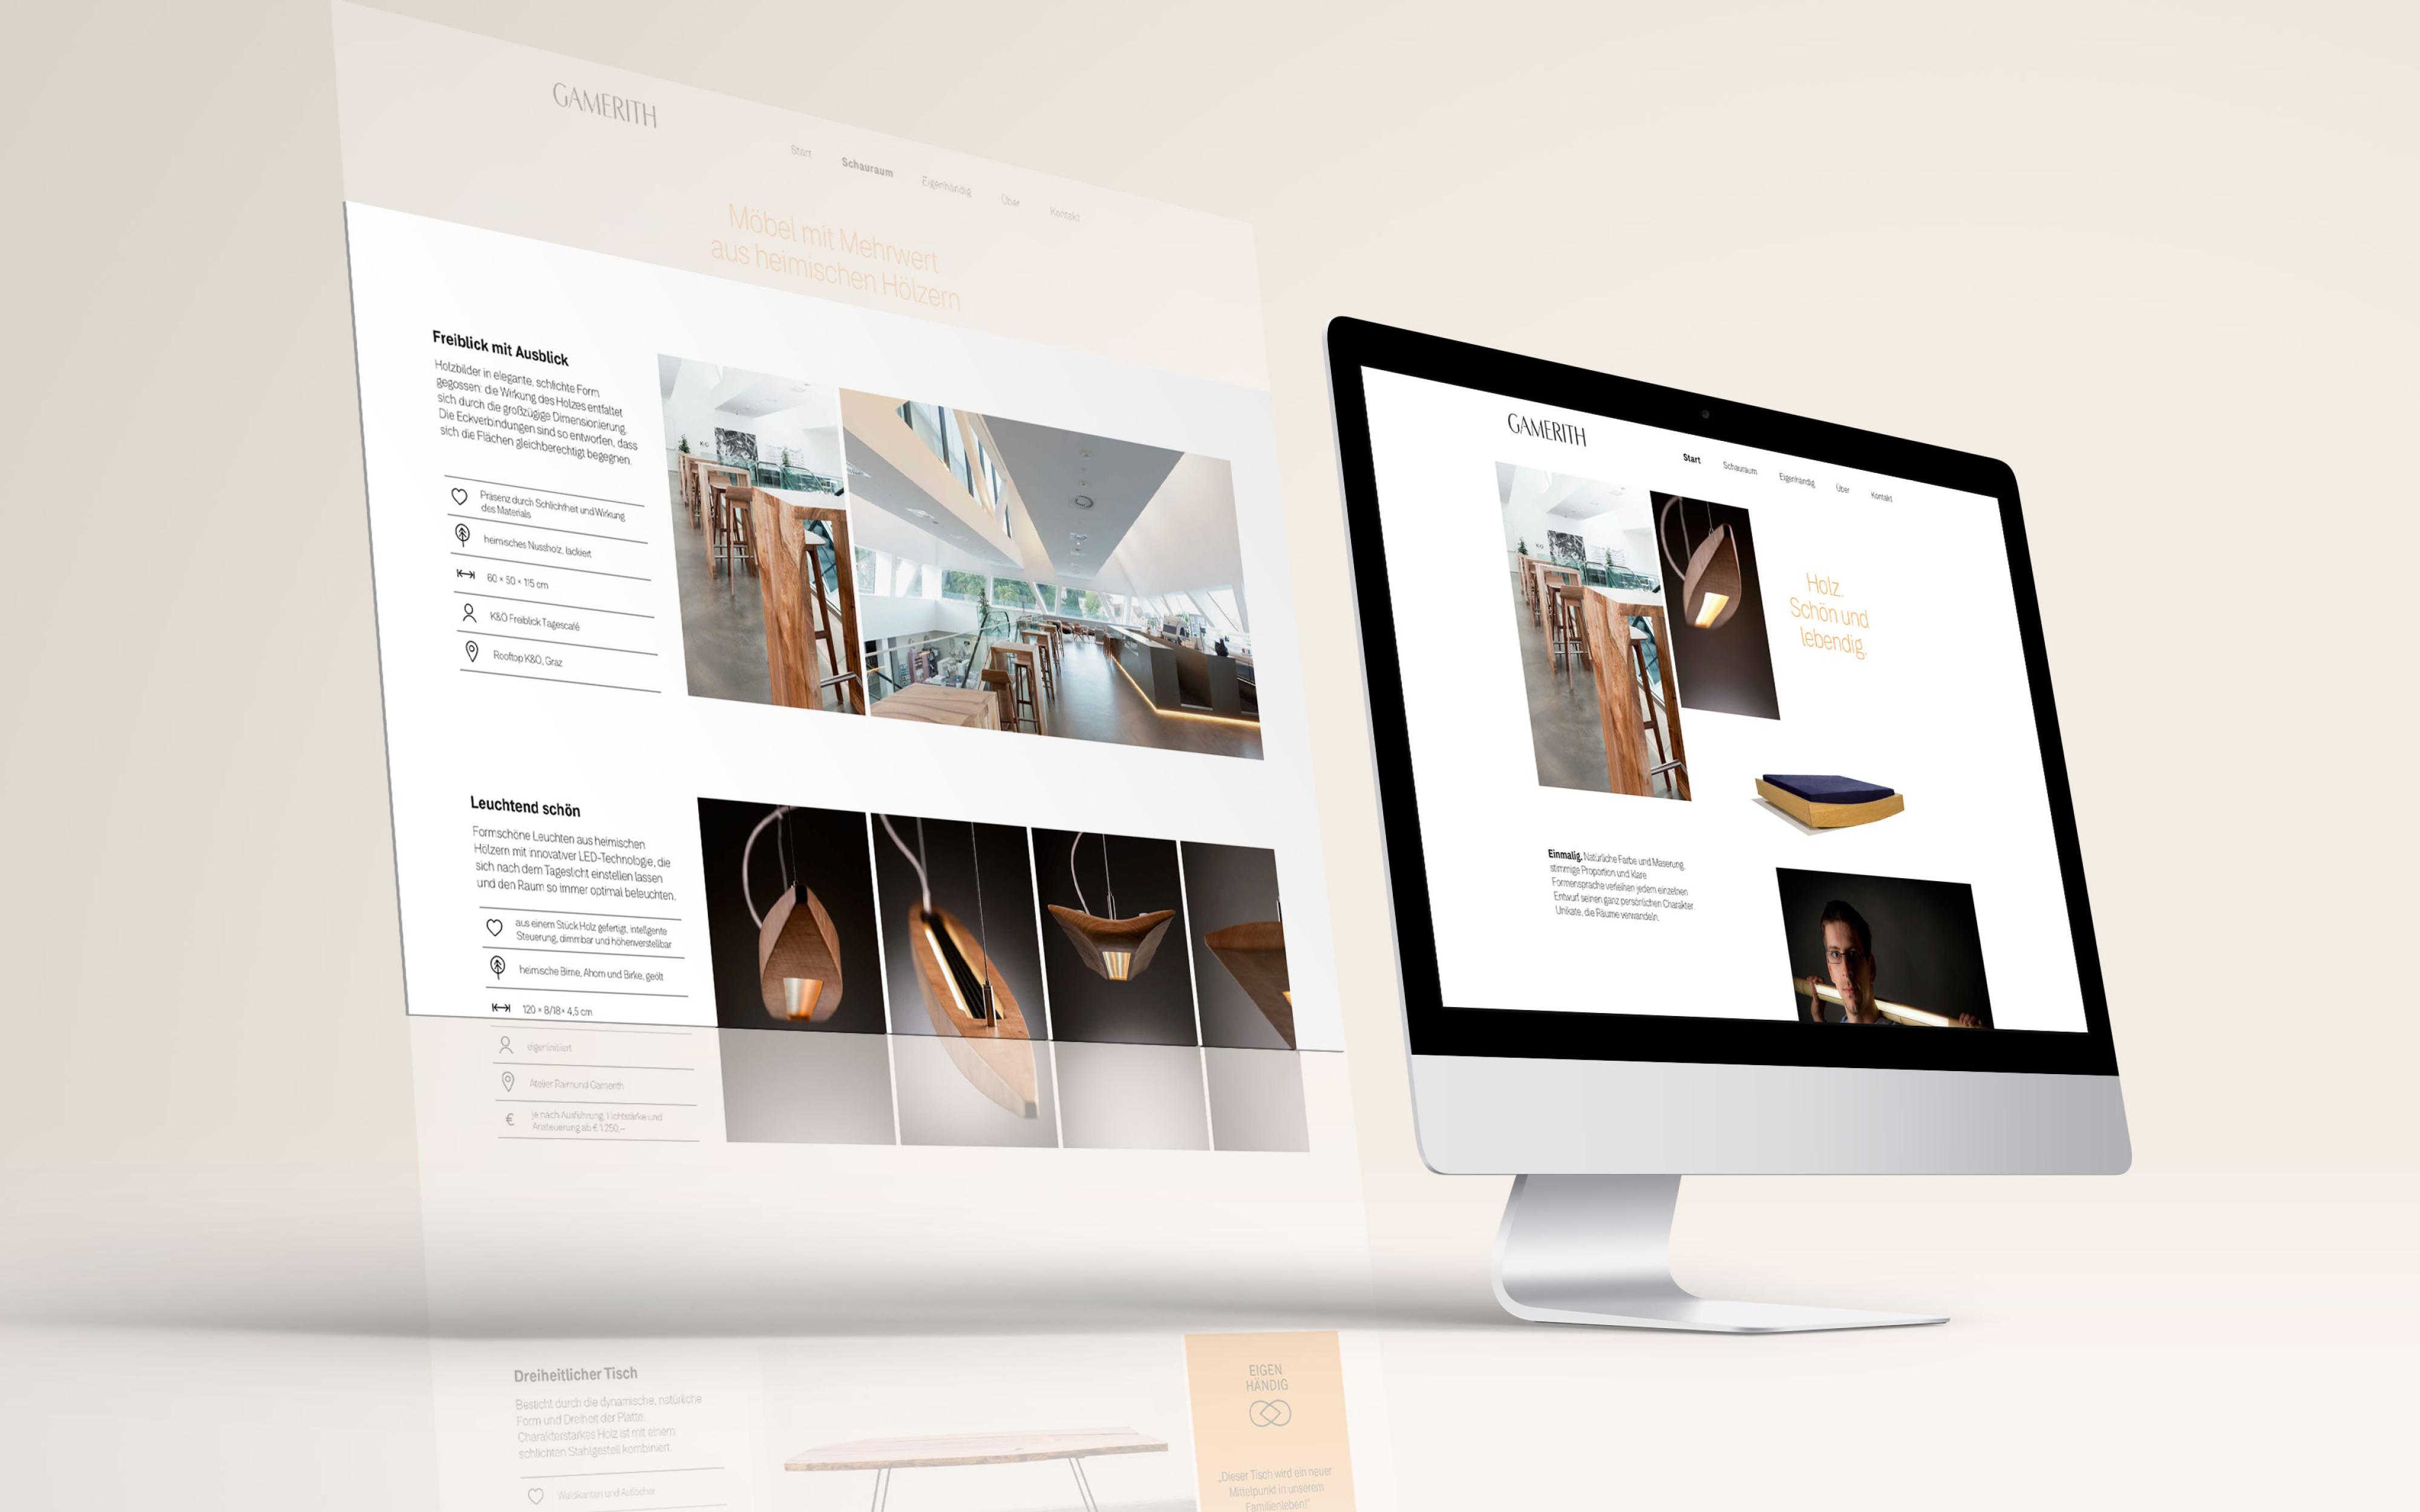 Webauftritt für das Atelier Gamerith von der Werbeagentur look! design